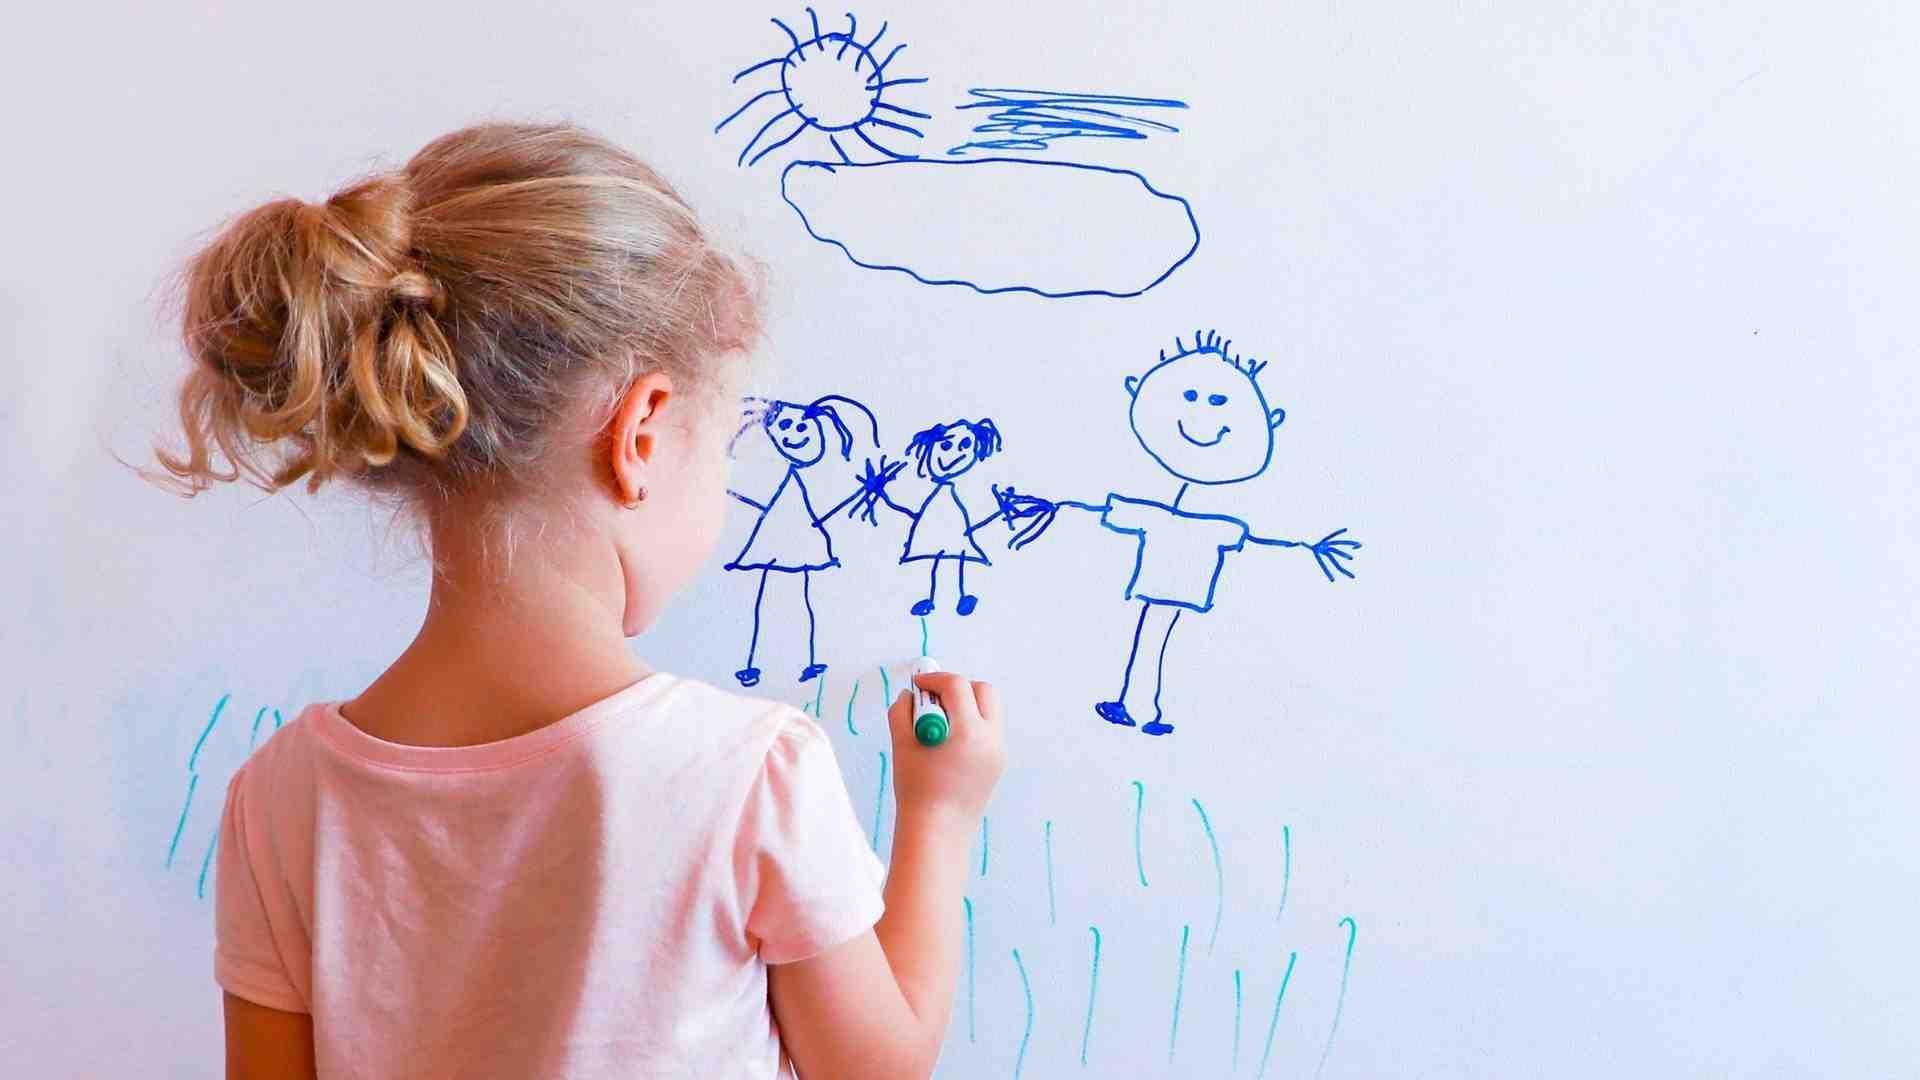 «Хочу нову сім'ю»: яка ситуація із всиновленням на Тернопільщині